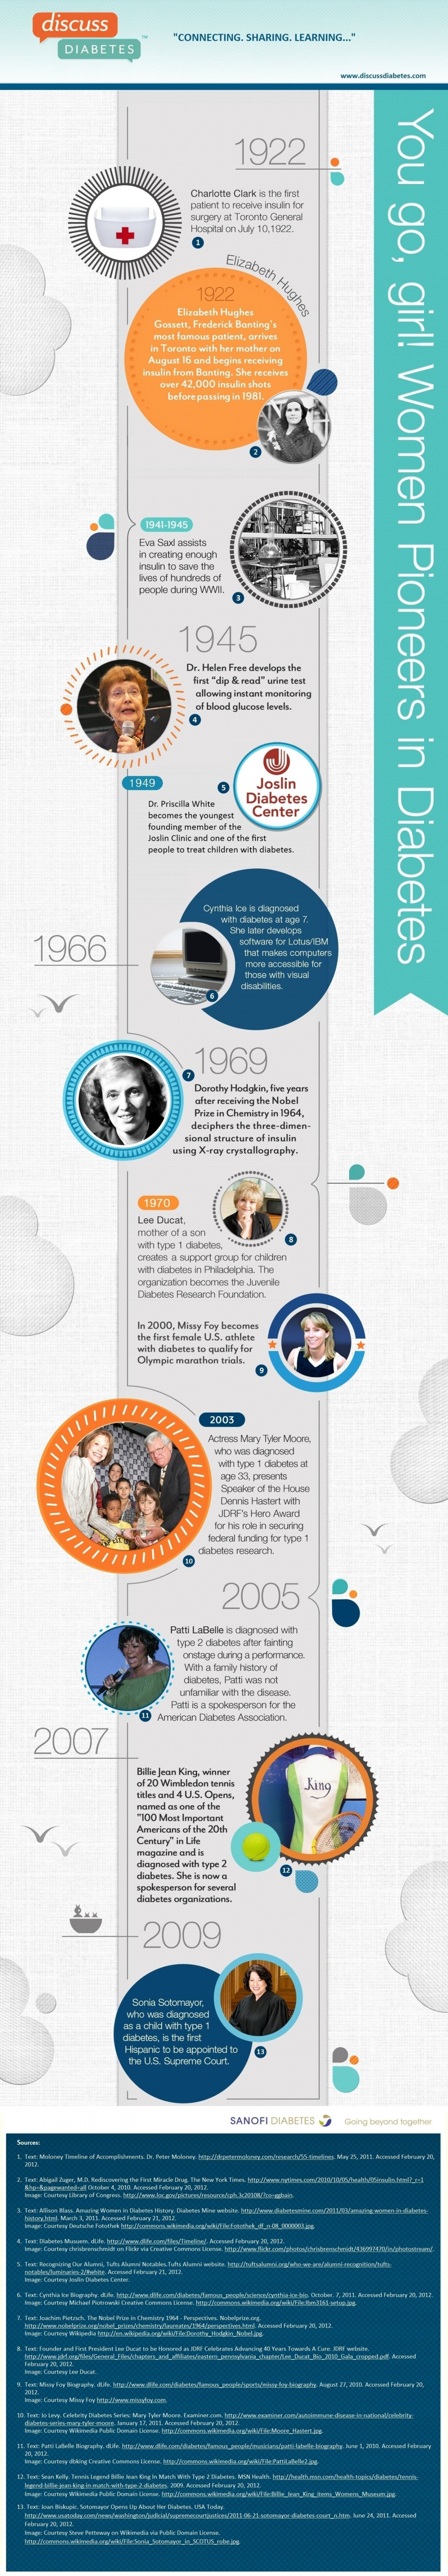 Women pioneers in diabetes timeline